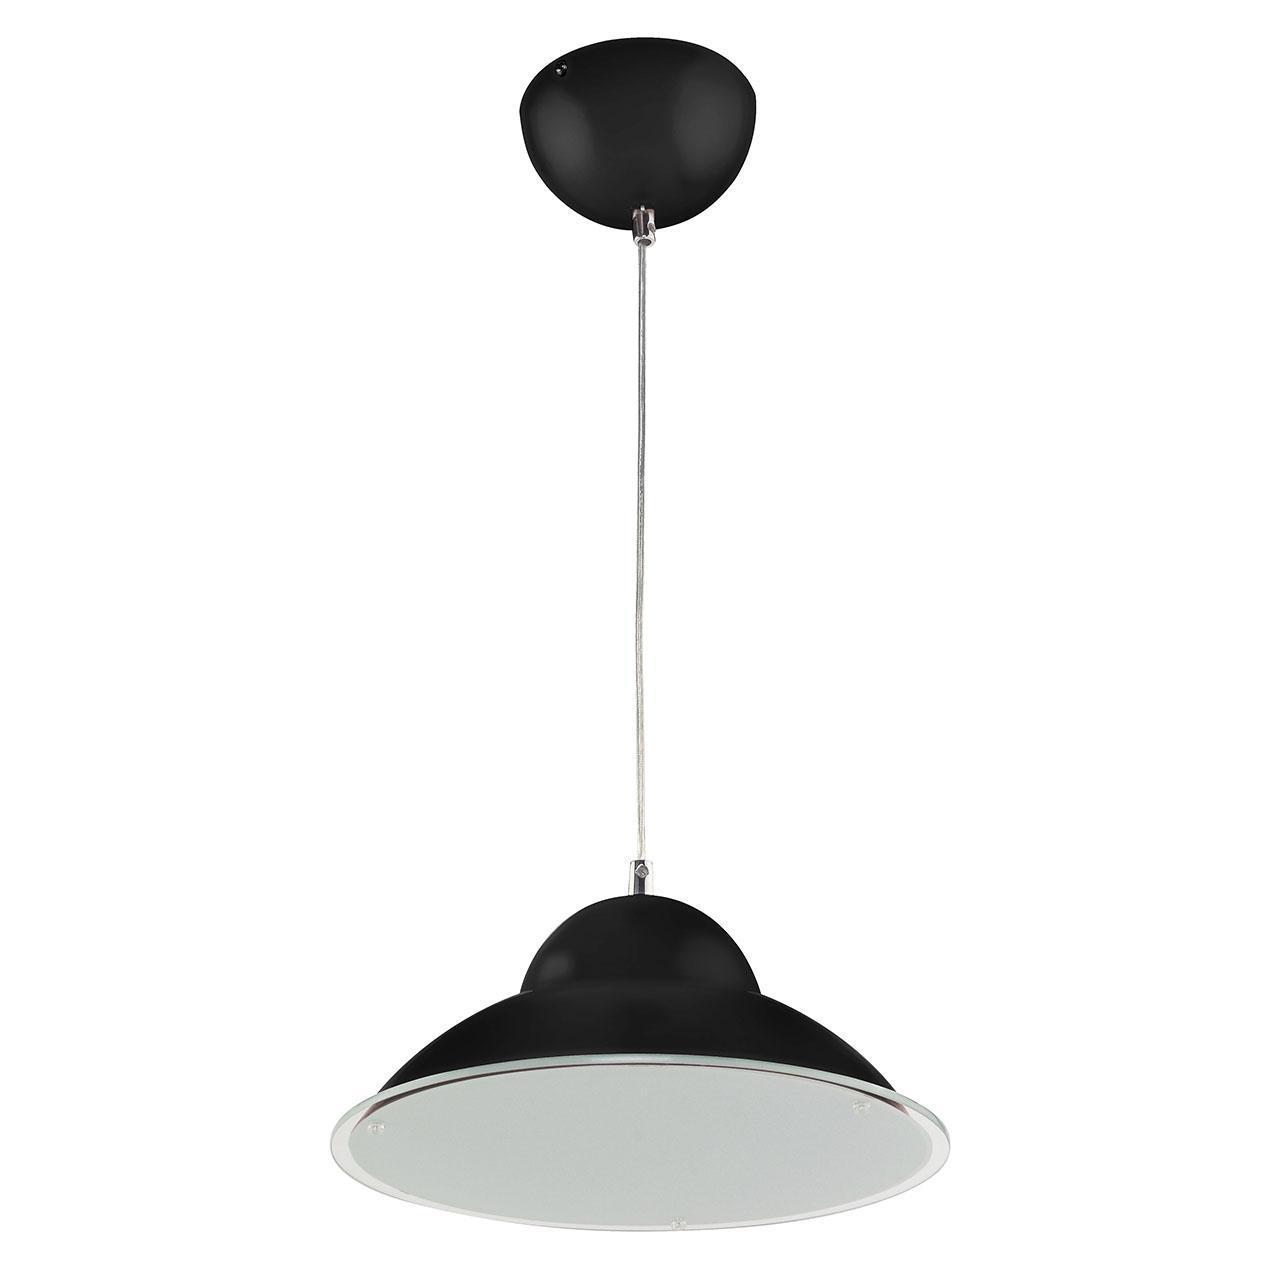 Подвесной светодиодный светильник Horoz черный 020-005-0015 horoz подвесной светодиодный светильник horoz alya 15w 4000к ip20 розовый 020 005 0015 hrz00000785